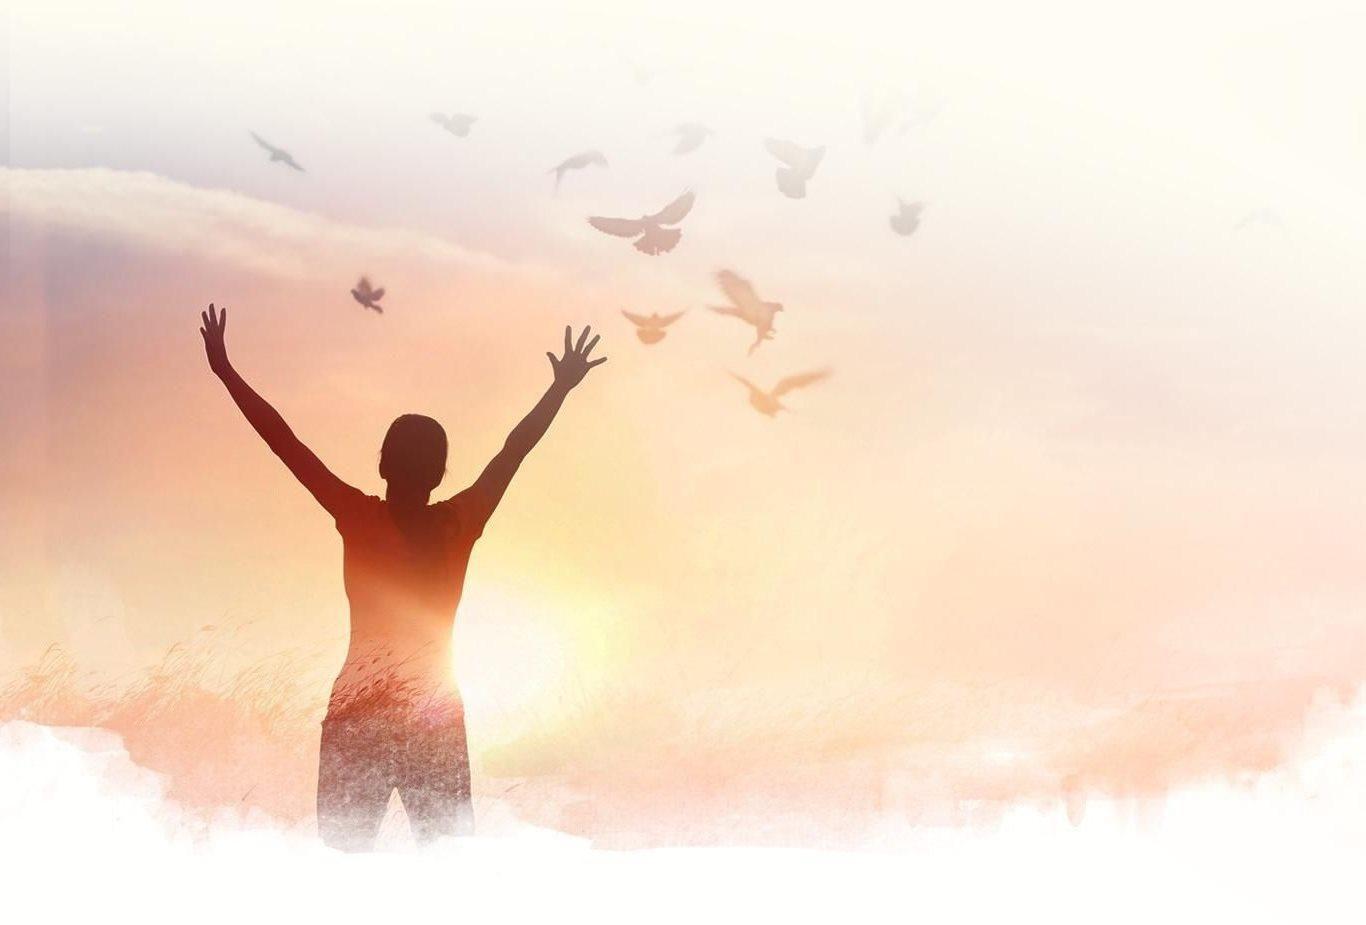 ذاكرة الألم والوعي الروحي (الحضور أونلاين)